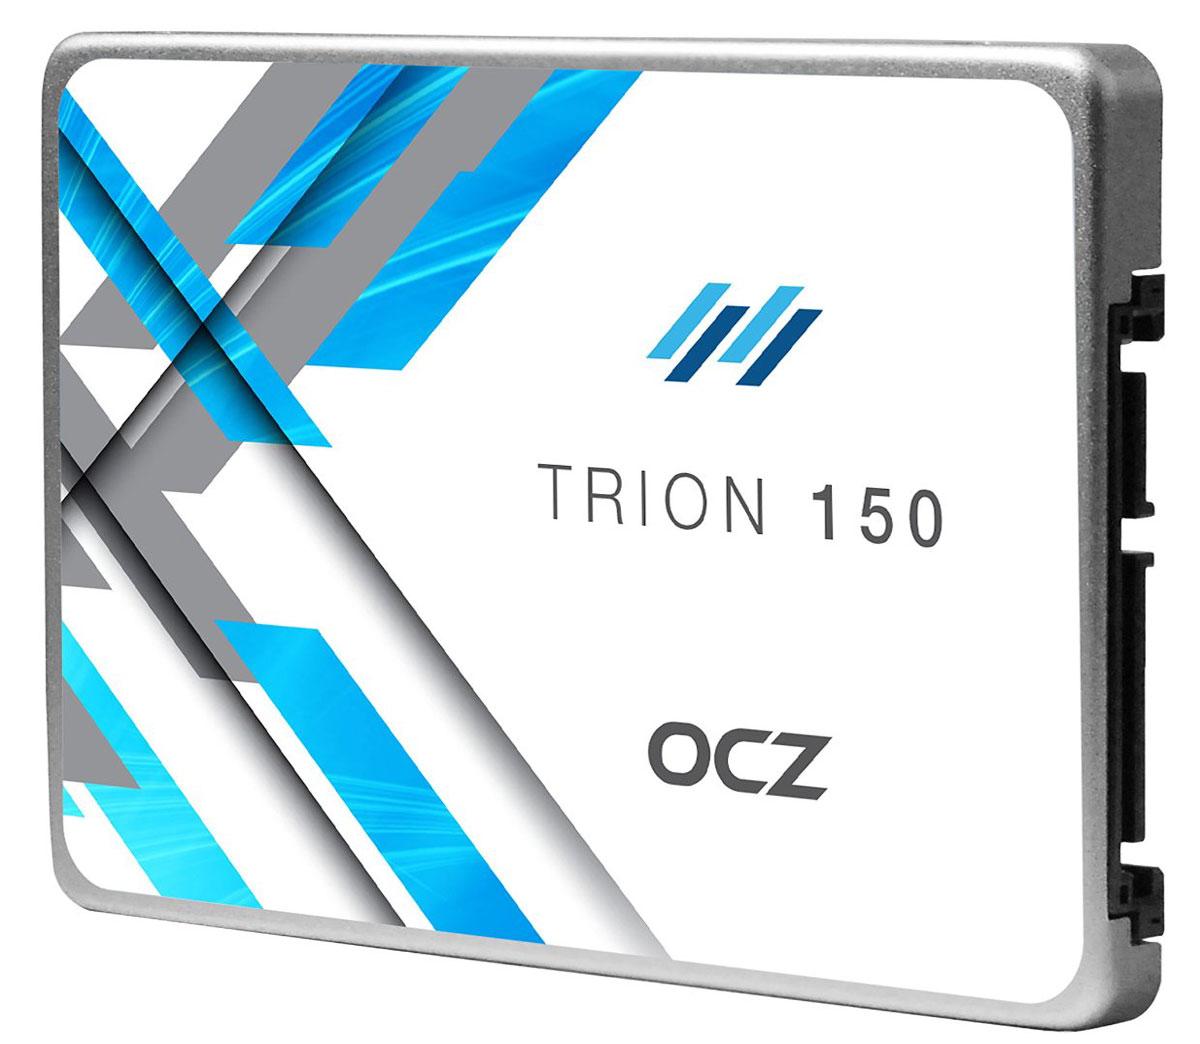 OCZ Trion 150 240GB (TRN150-25SAT3-240G) SSD накопитель352250Переход с жесткого диска на твердотельный накопитель должен быть простым и доступным, и именно в этом помогут SSD-накопители OCZ Trion 150. Для оптимизации и немедленного повышения скорости работы ноутбука или ПК в SSD-накопителе серии Trion 150 используется флеш-память TLC NAND от Toshiba. Это гарантирует долговечность, а также обеспечивает превосходный баланс производительности, надежности и качества, способного преобразить любую мобильную или стационарную систему. Быстрый и эффективный: Повысьте свою производительность при помощи накопителей Trion 150, и вы увидите, что ПК станет быстрее загружаться, время передачи файлов сократится, а общая отзывчивость системы улучшится. Попрощайтесь с задержками, присущими обычным жестким дискам, и начните новую эру вычислений, стоящую затрат вашего времени. Производительность по доступной цене: Переход на SSD может ощущаться, как если бы вы приобрели полностью новую систему - производительность ...